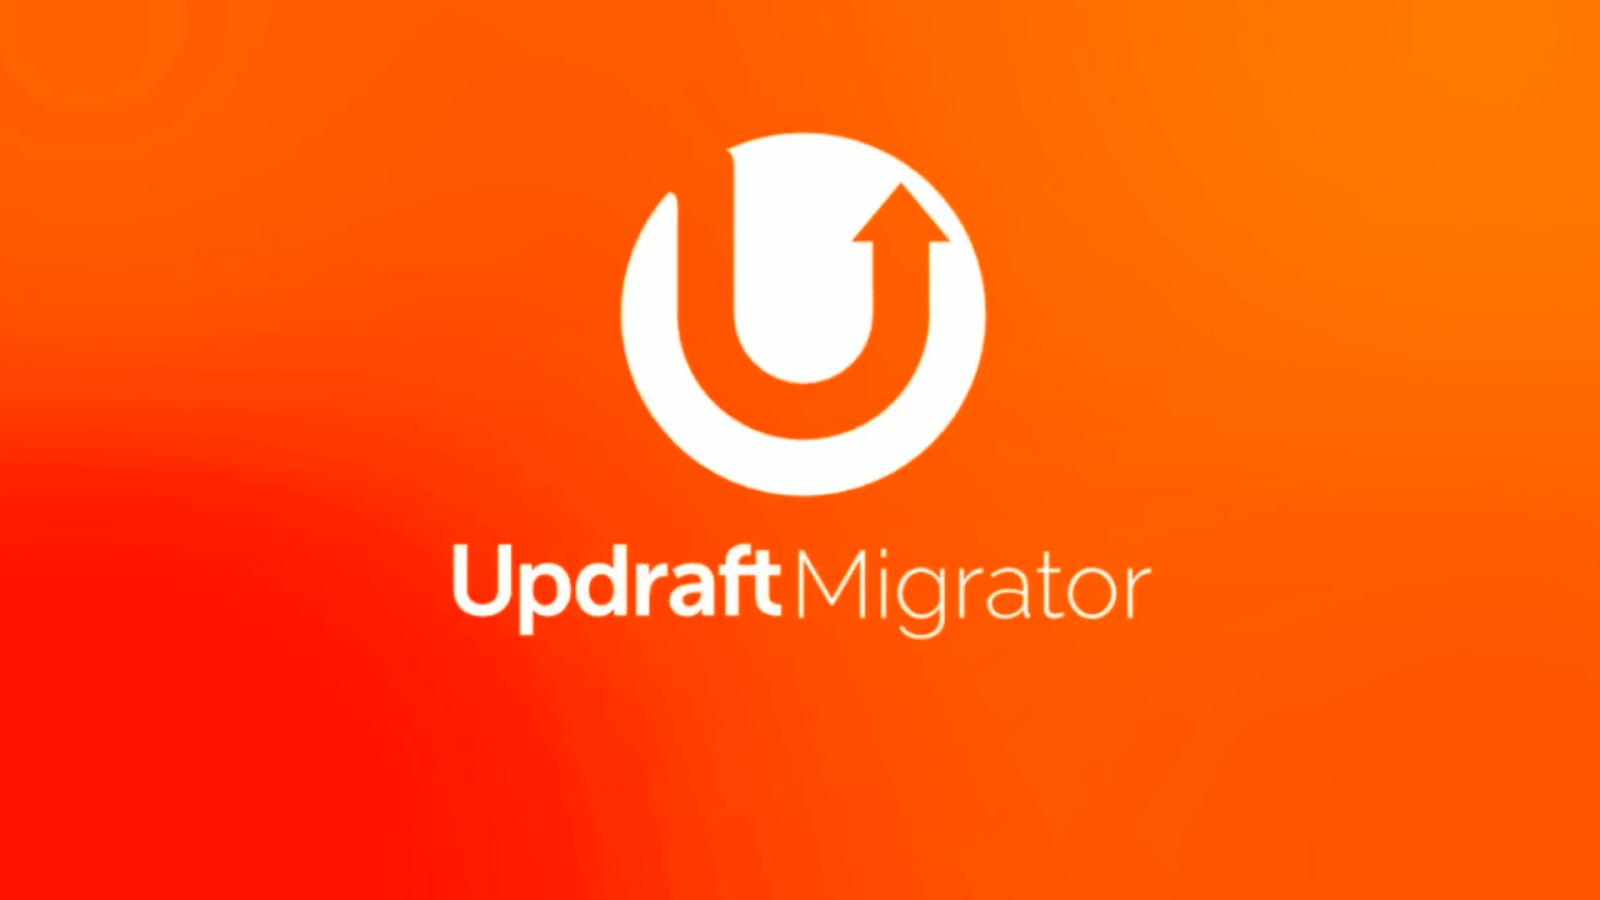 Updraft Migrator